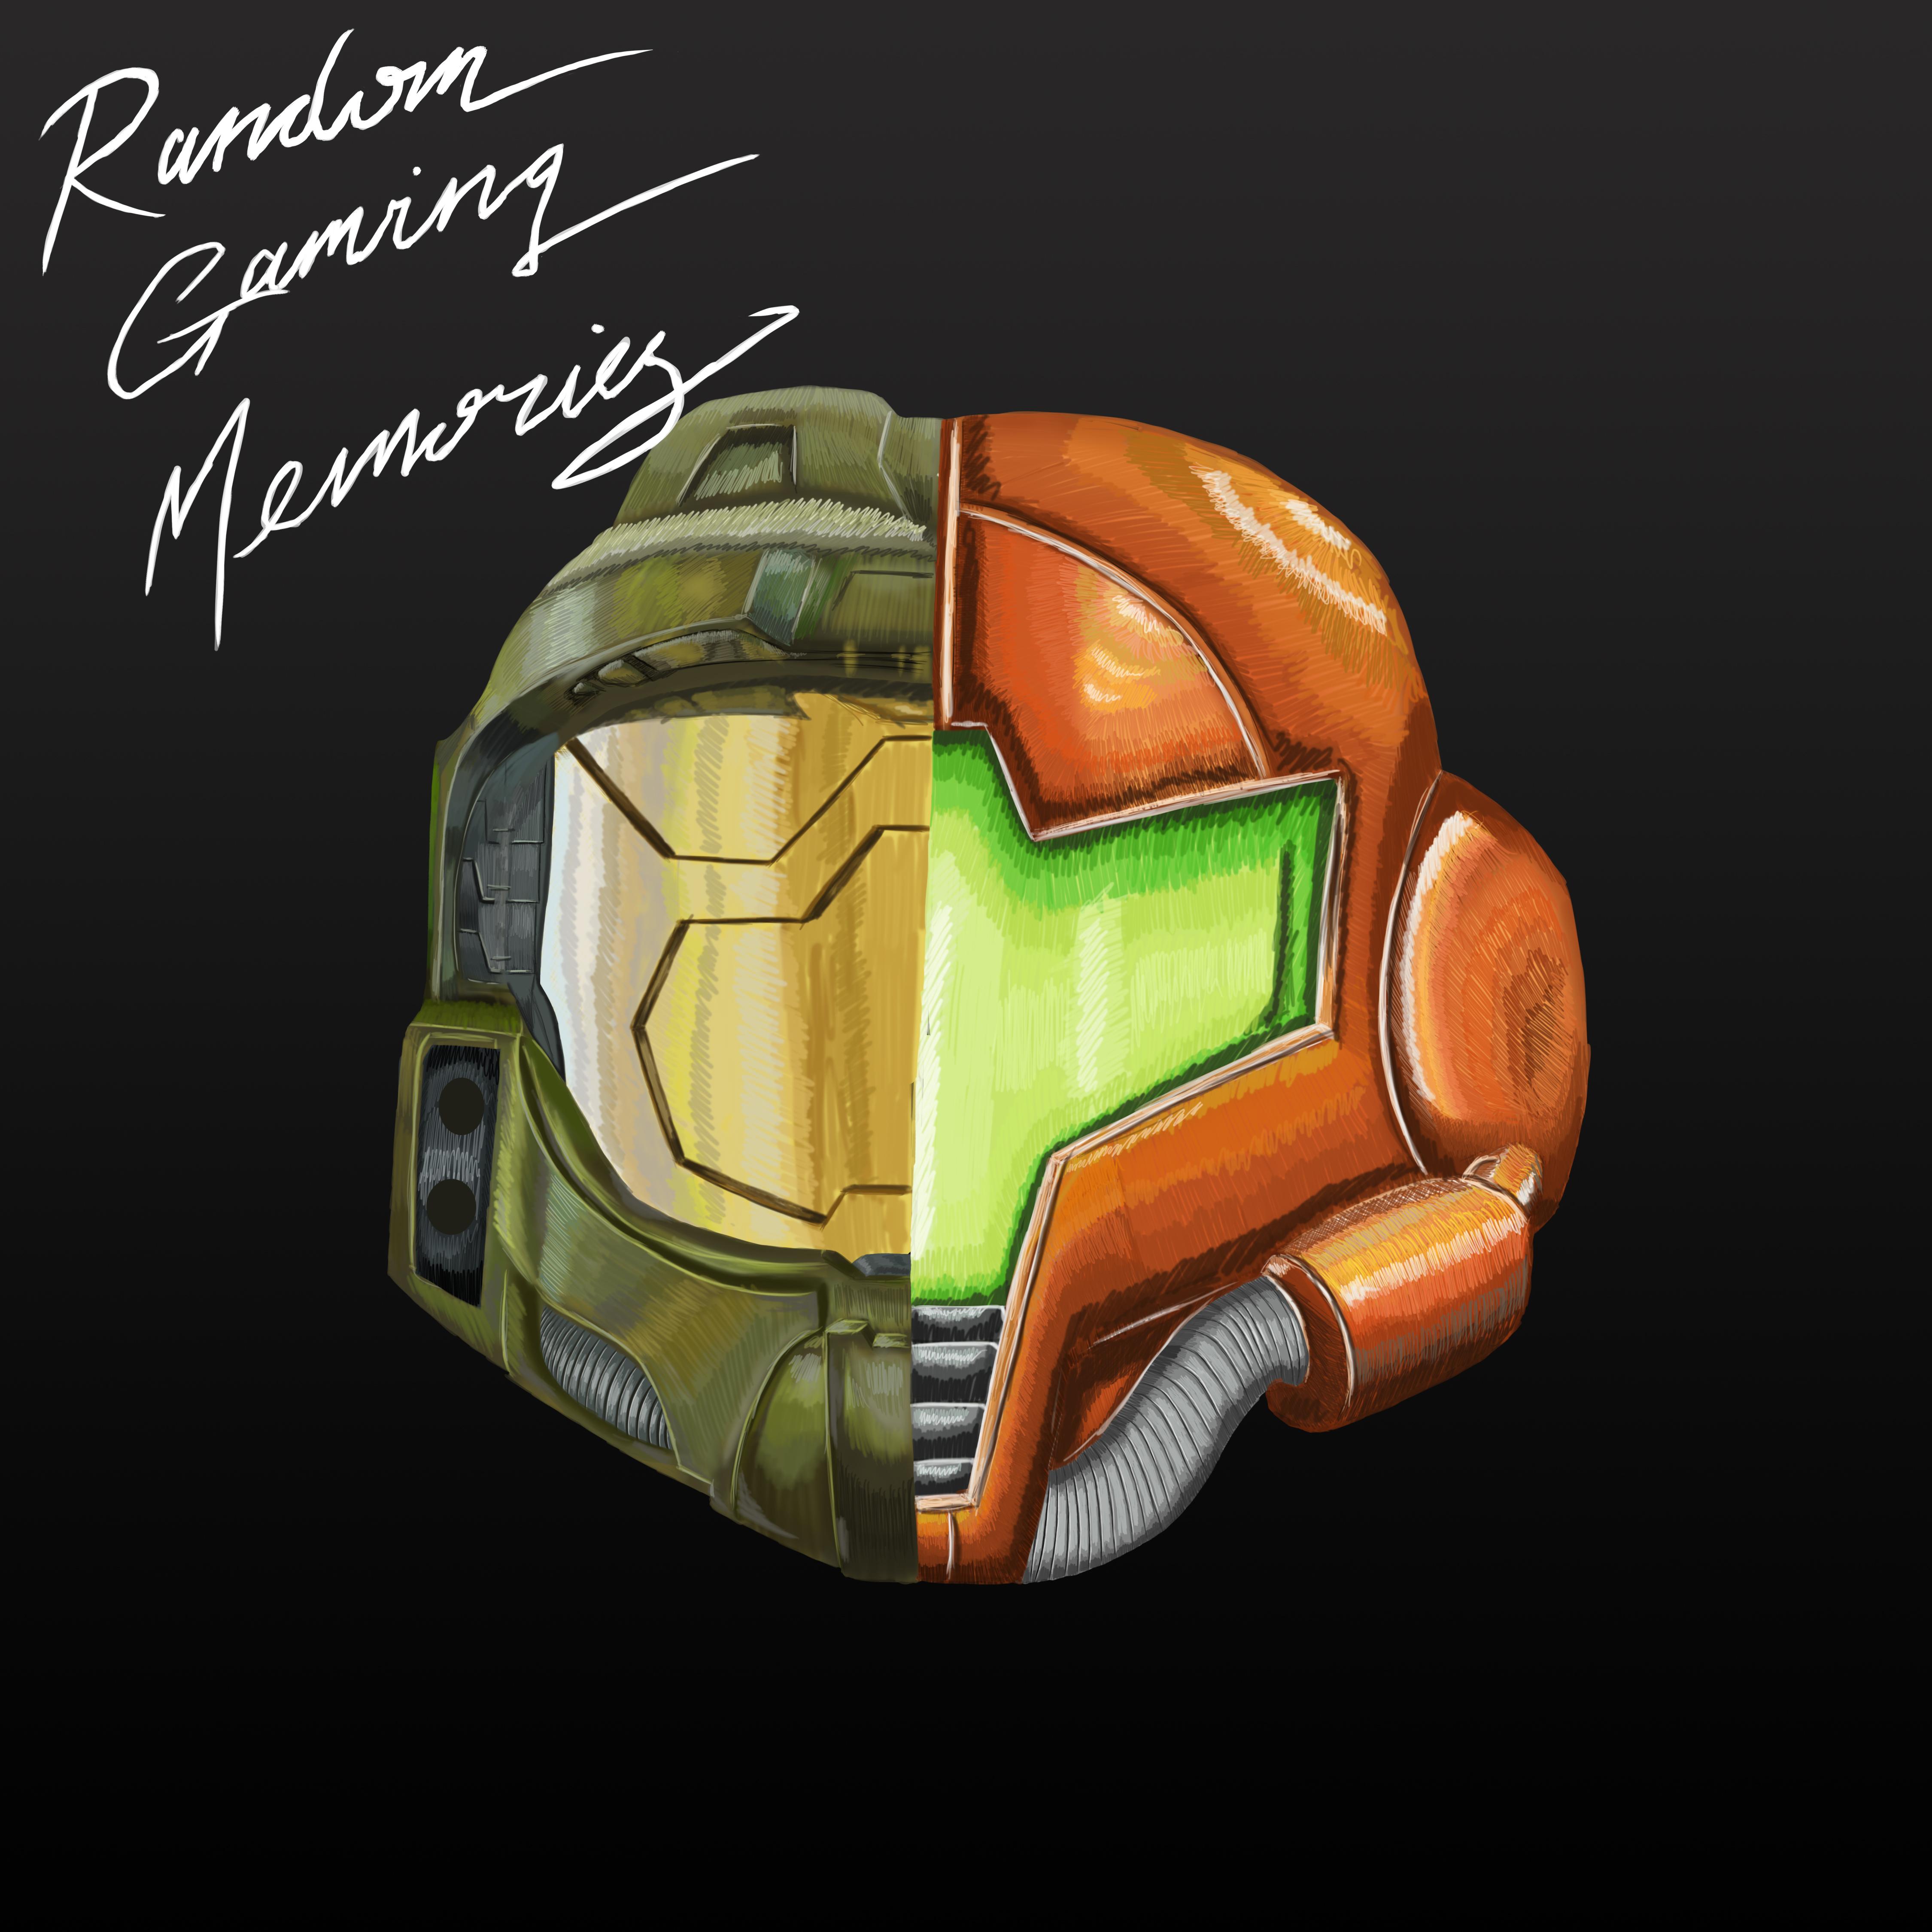 Random Gaming Memories